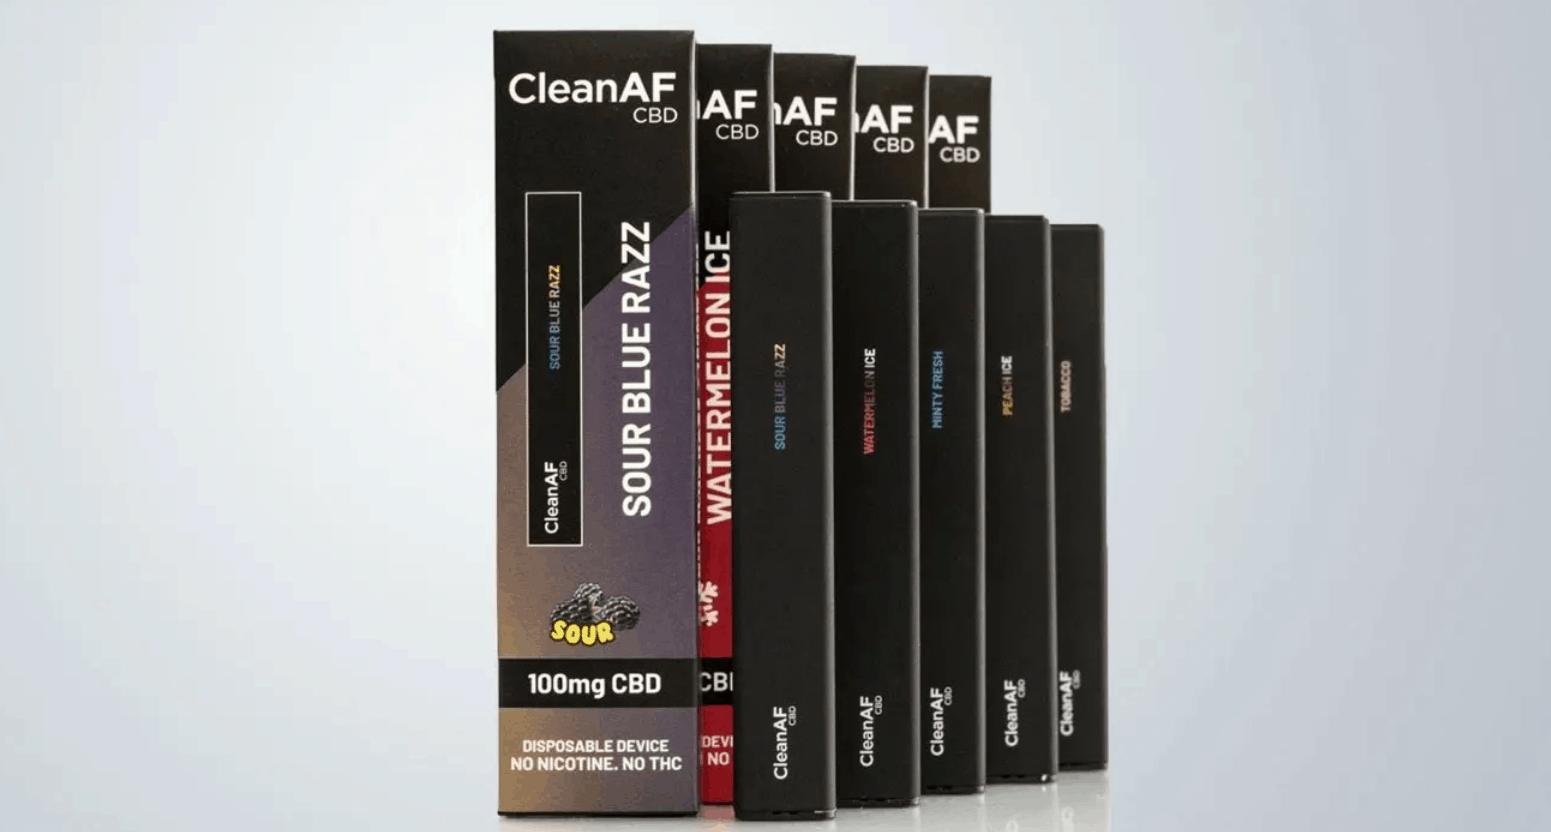 CleanAf CBD Vape Coupon Code Disposable Price